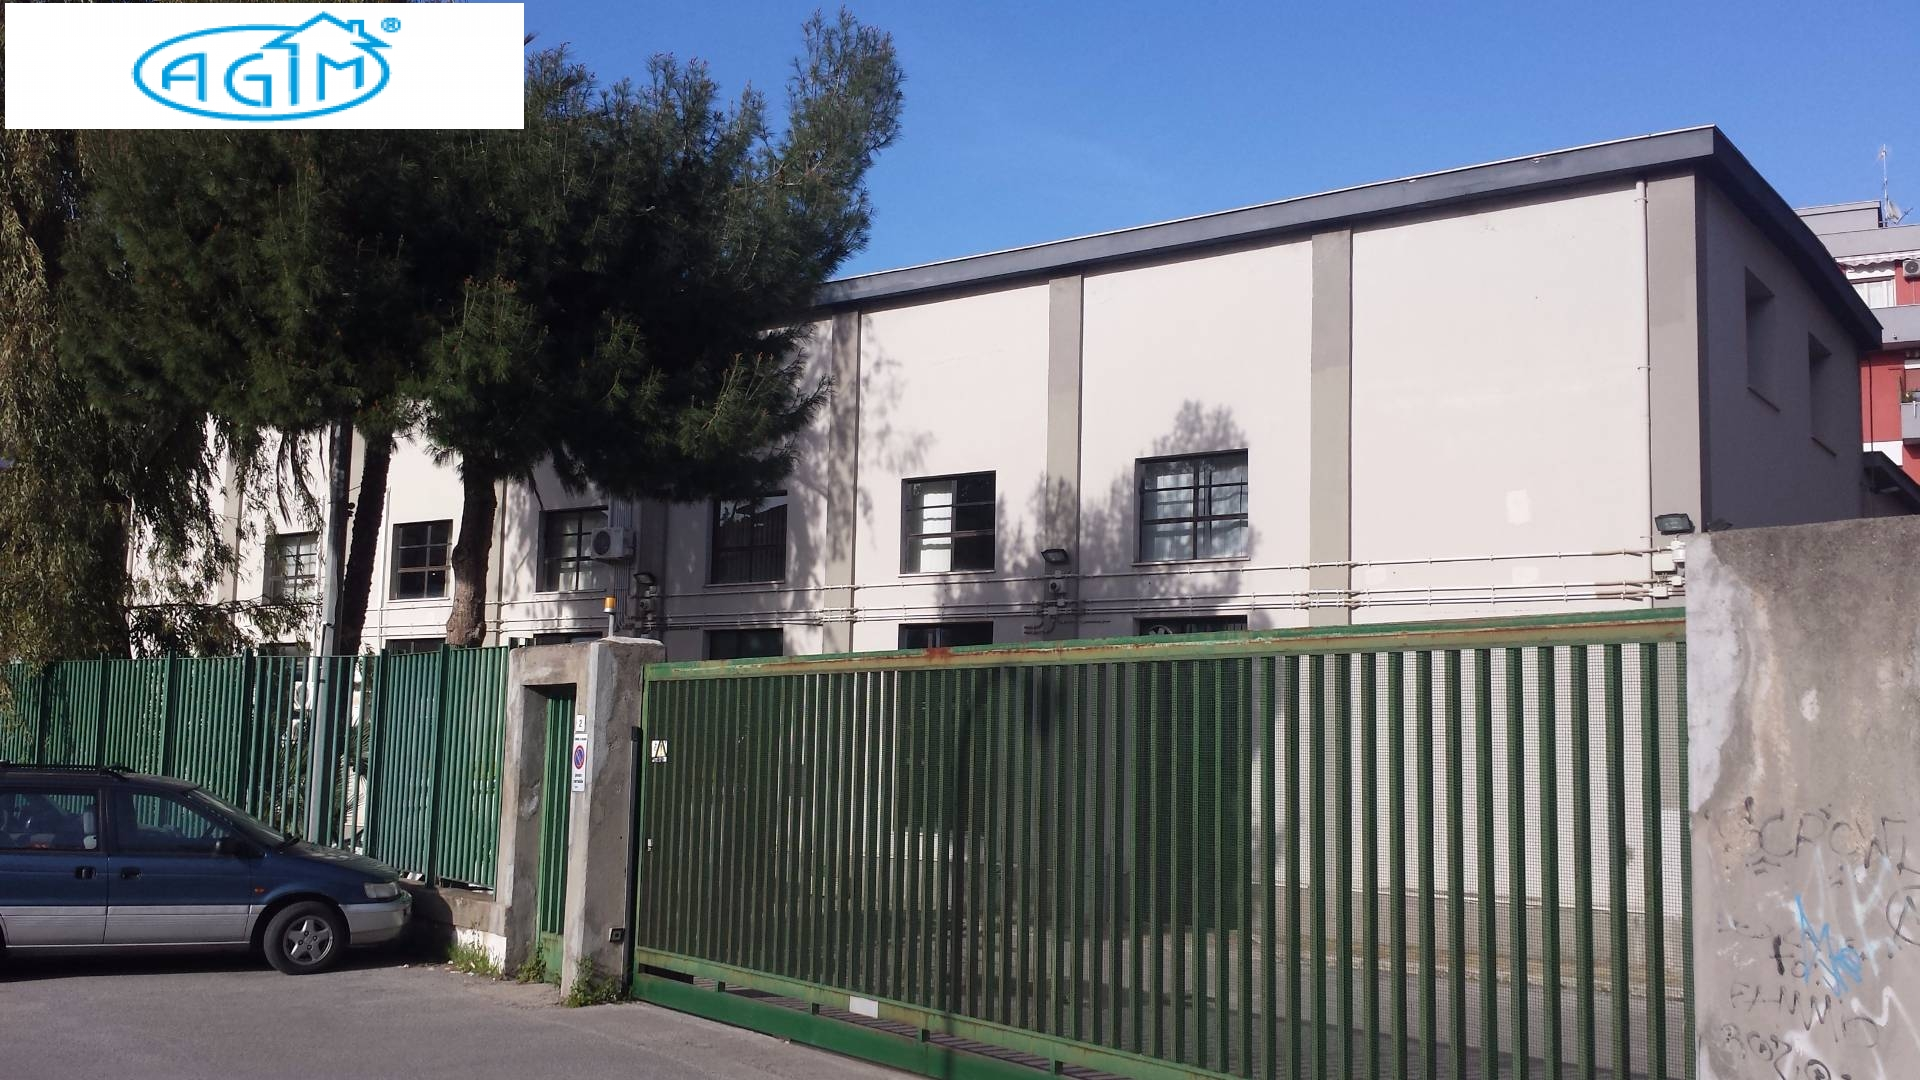 Negozio / Locale in vendita a Palermo, 9999 locali, Trattative riservate | CambioCasa.it